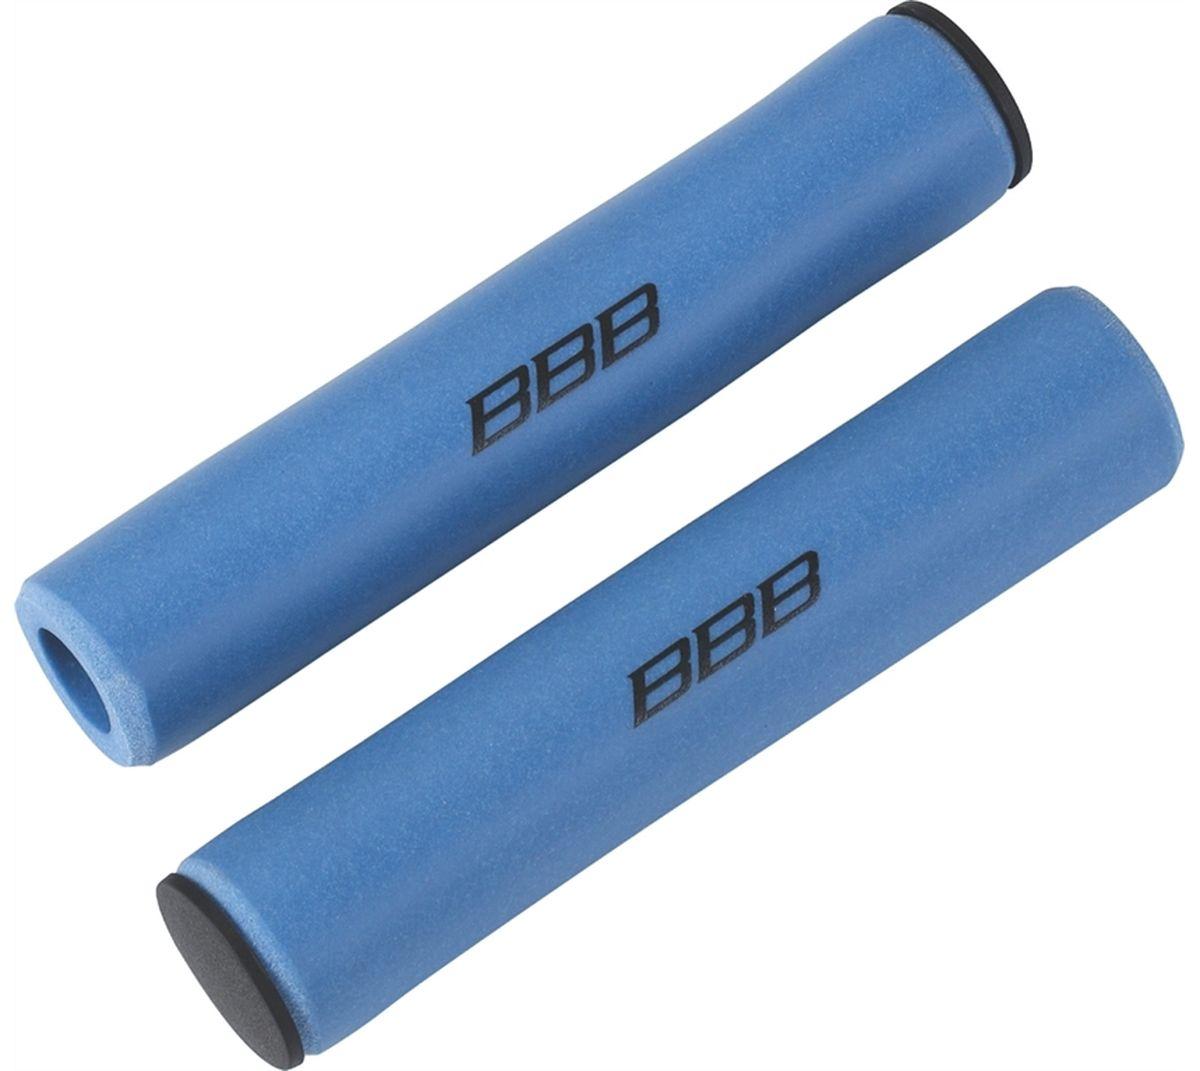 Грипсы BBB Sticky, цвет: синий, 13 см, 2 шт. BHG-34BHG-34Легкие и комфортные грипсы BBB Sticky имеют вибро- и ударопоглощающими свойства. Они предназначены для более удобного управления велосипедом. Силиконовое покрытие обеспечивает прекрасное сцепление с перчатками. Заглушки руля в комплекте. Длина грипс: 13 см. Вес: 49 г.